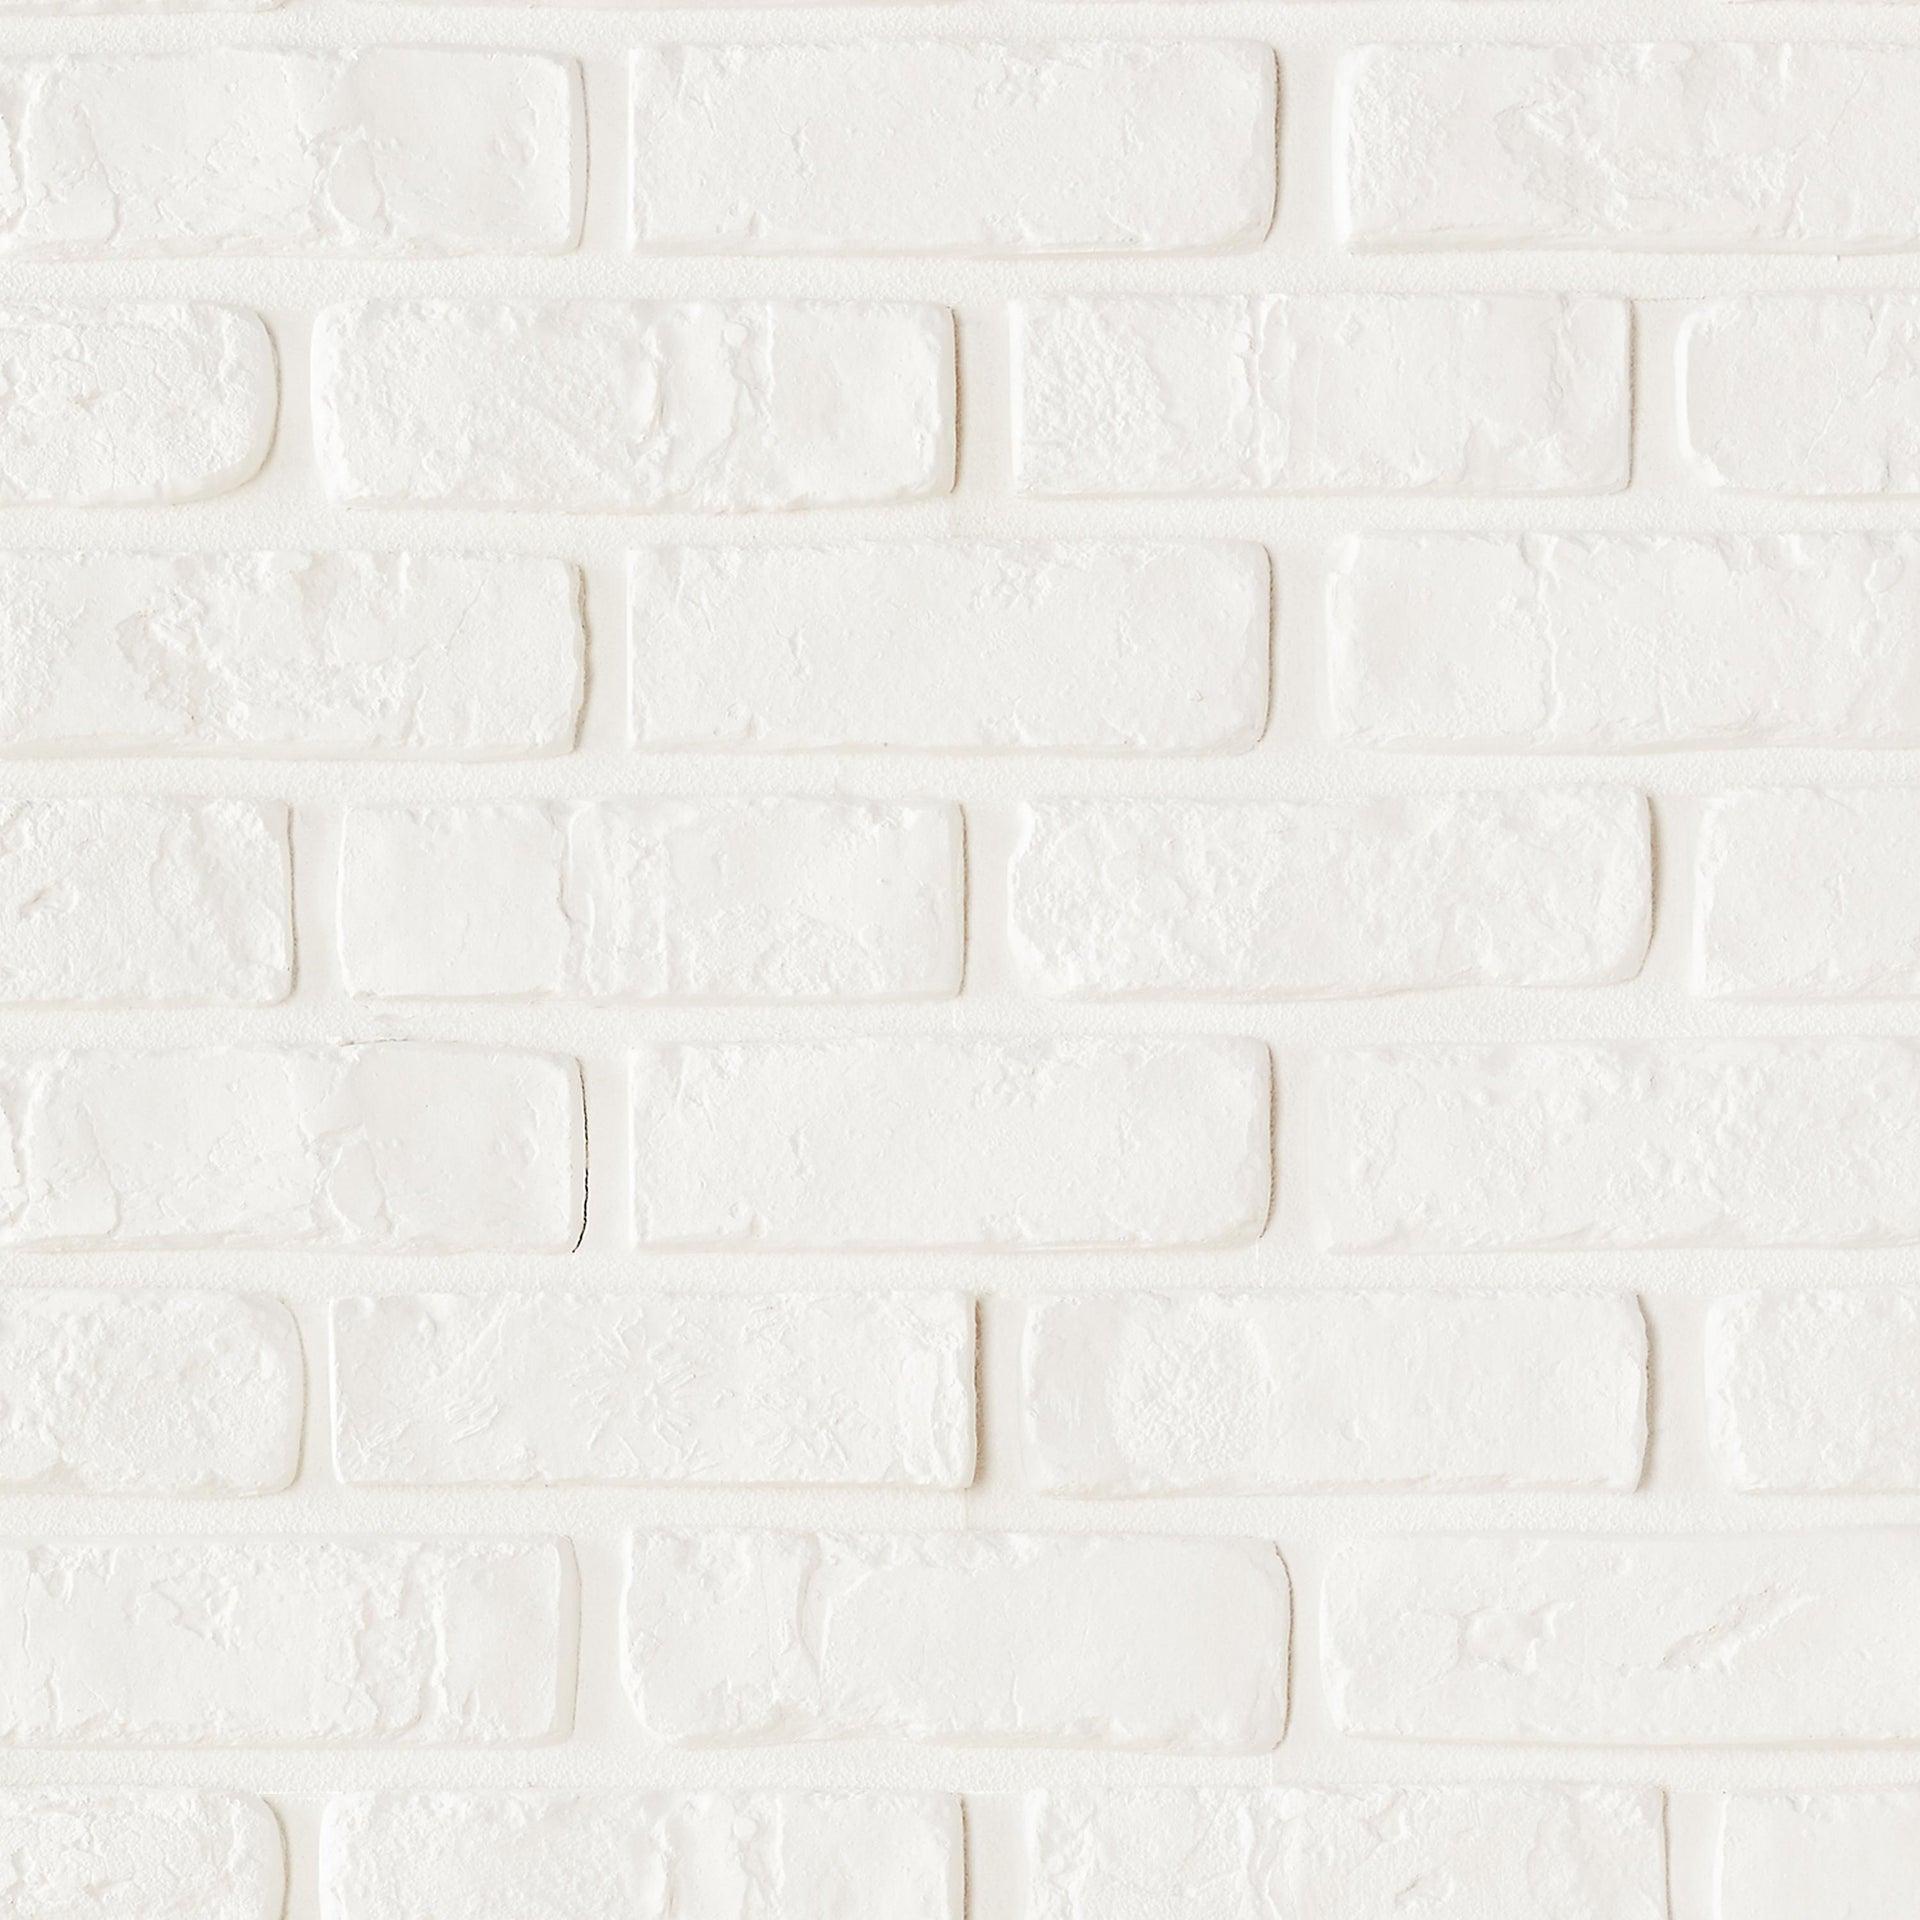 Mattone decorativo Isto bianco - 2